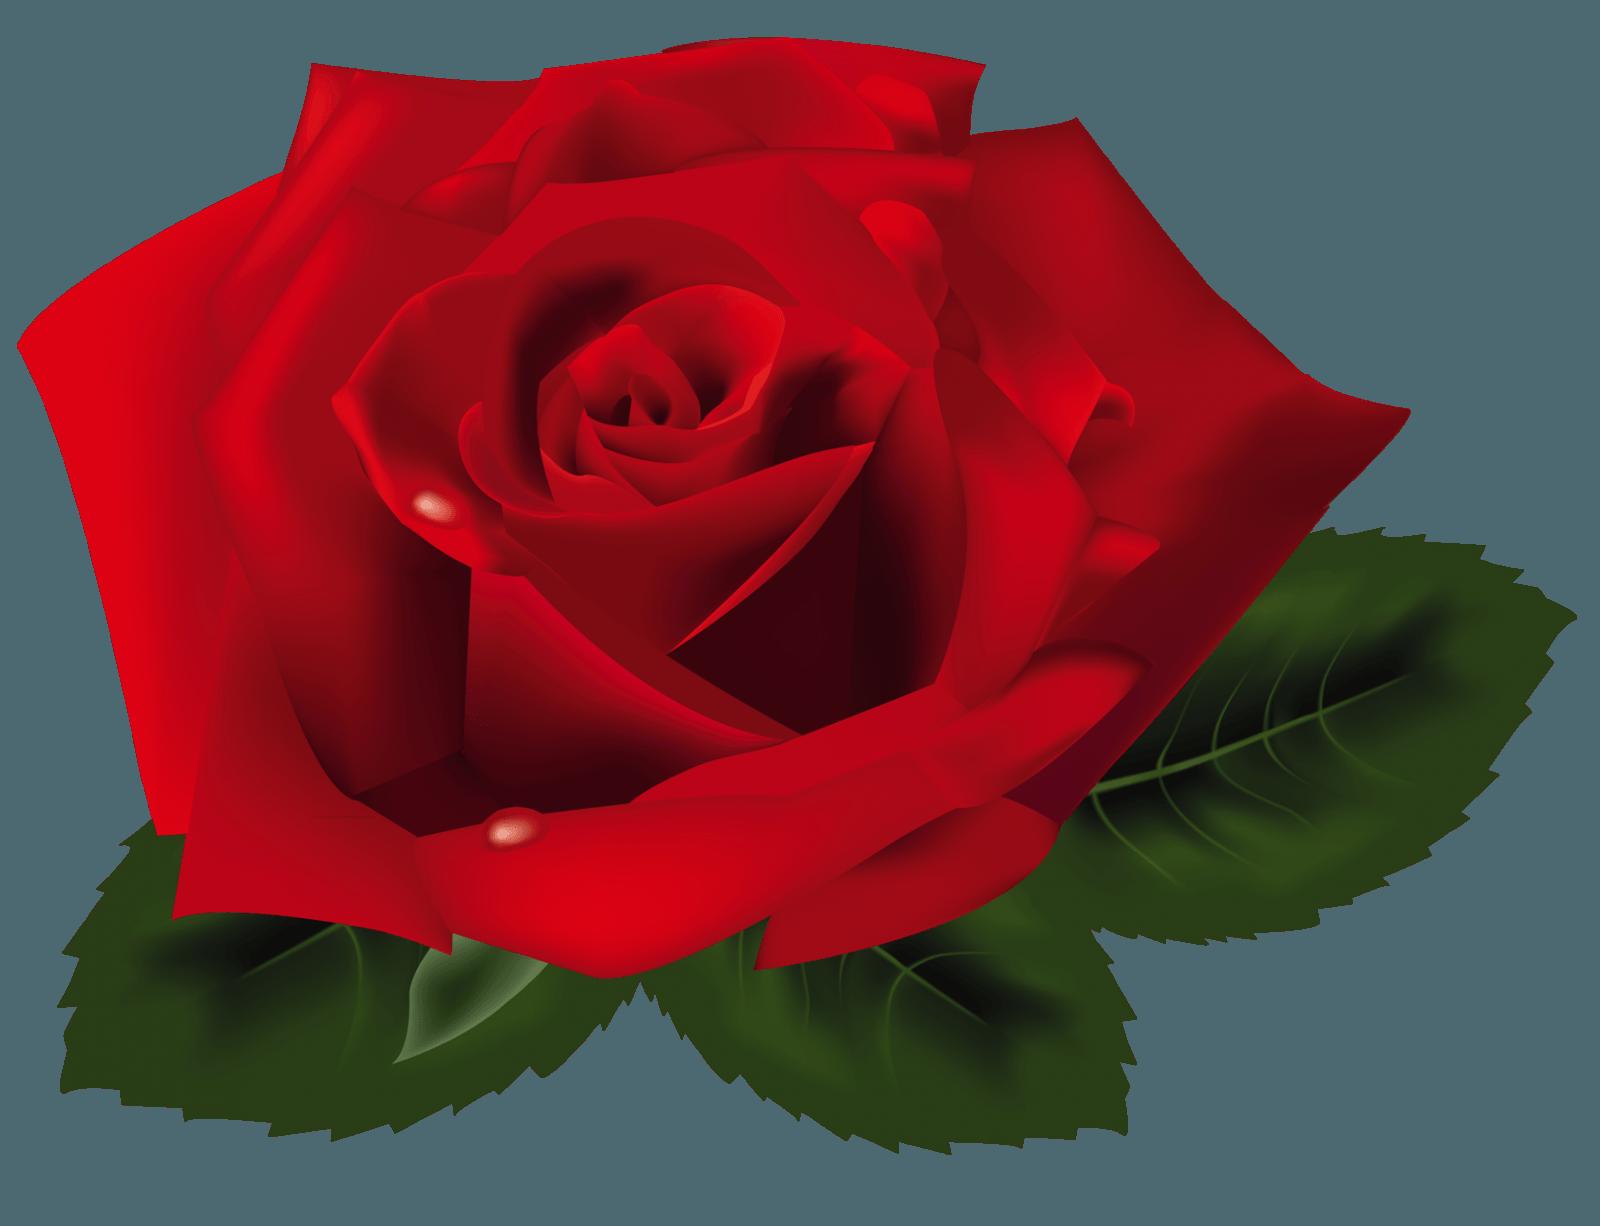 מה ההבדל בין ורד לשושנה?